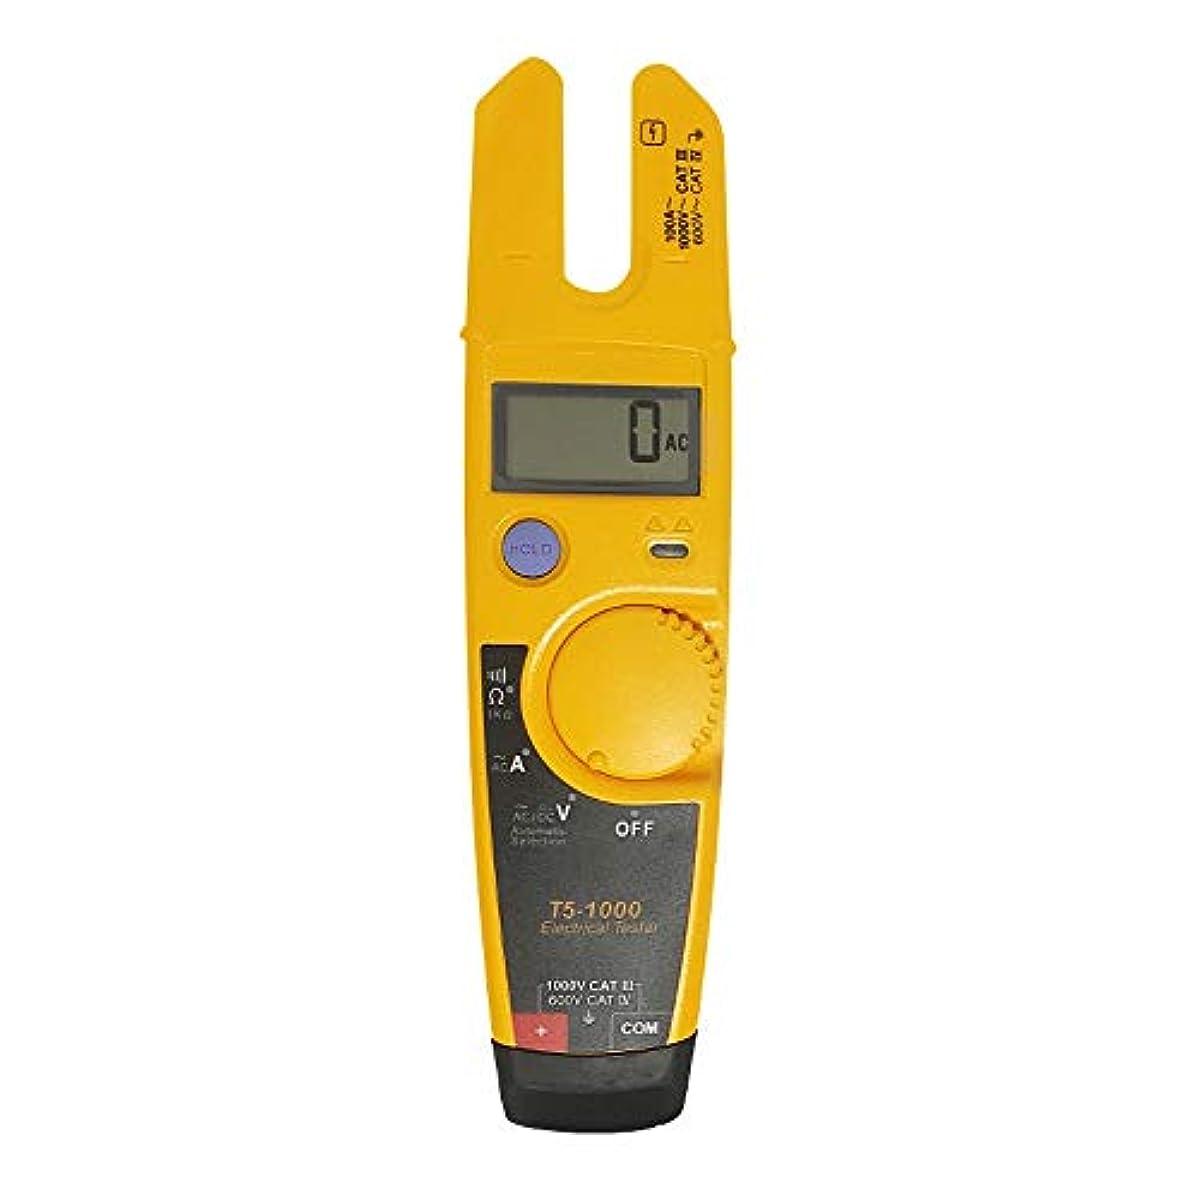 加速度から聞く調停者BTXXYJP Labloot ソフトケース付き T5-600 クランプメーター 電圧 連続電流 クランプメーター